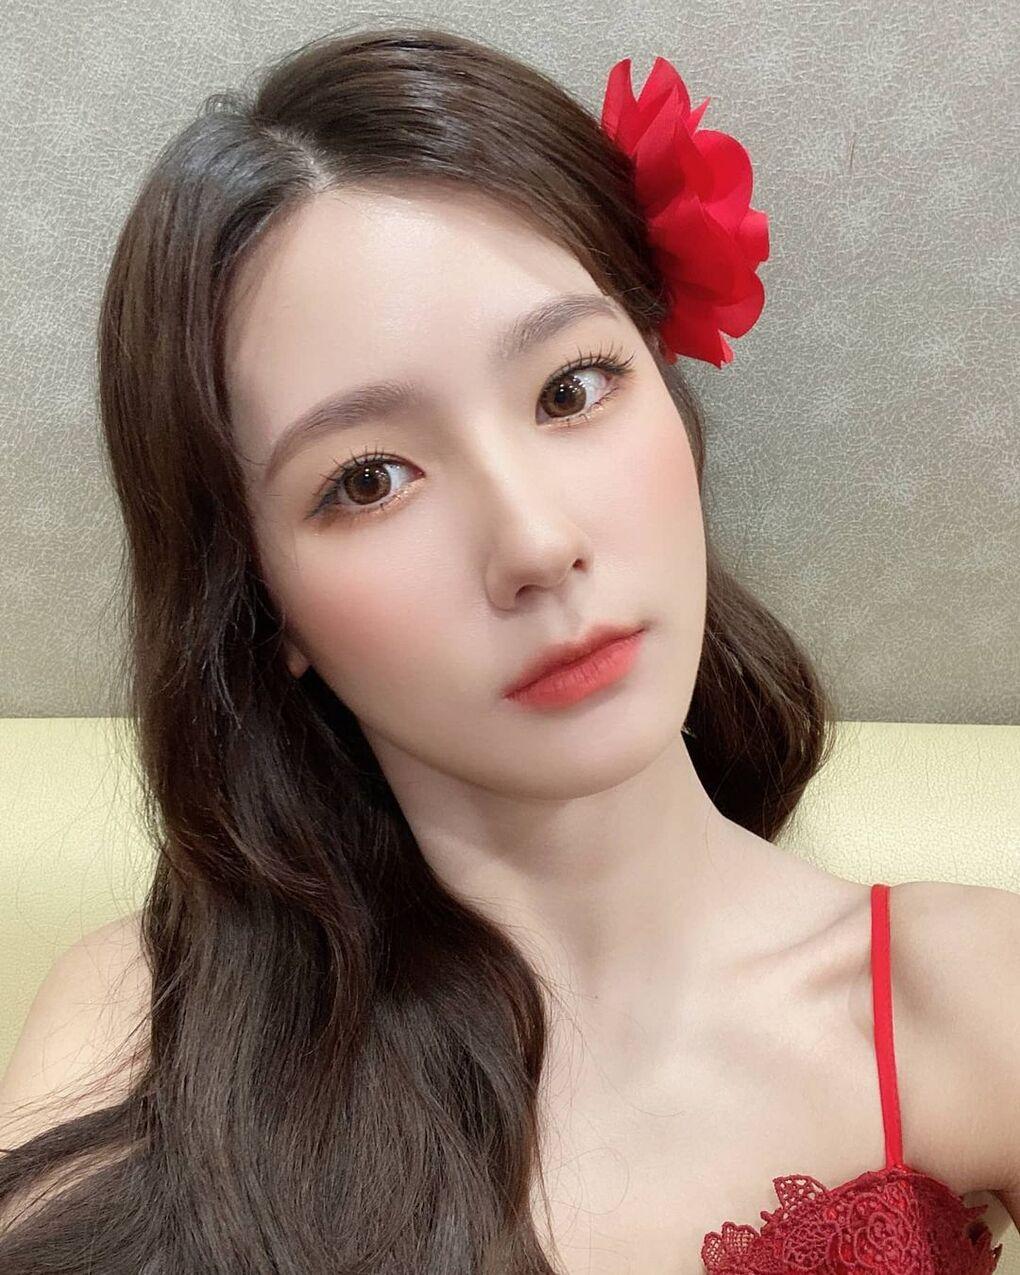 Với kiểu tóc đơn giản, Mi Yeon chỉ cần nhấn nhá bằng chiếc kẹp nổi bật là lập tức trông xinh như công chúa.